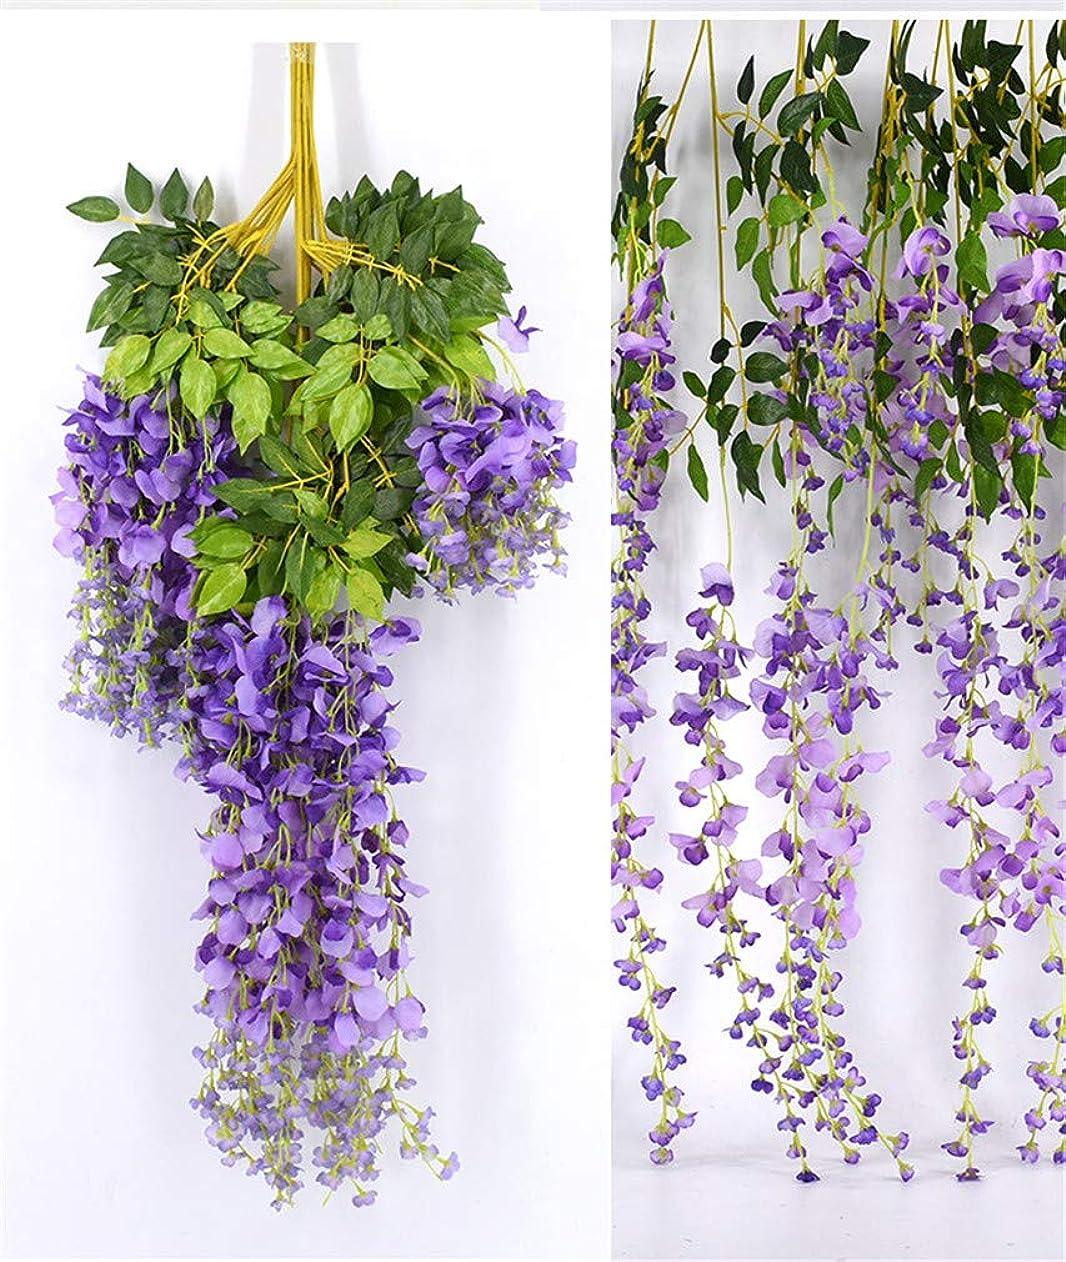 哺乳類お願いします戻すTrayosin 造花 藤の花 人工壁掛け シルク造花 家庭やパーティーの装飾 ワインパーティー ウェディングデコレーション用 観葉植物 12個セット 110cm (パープル)